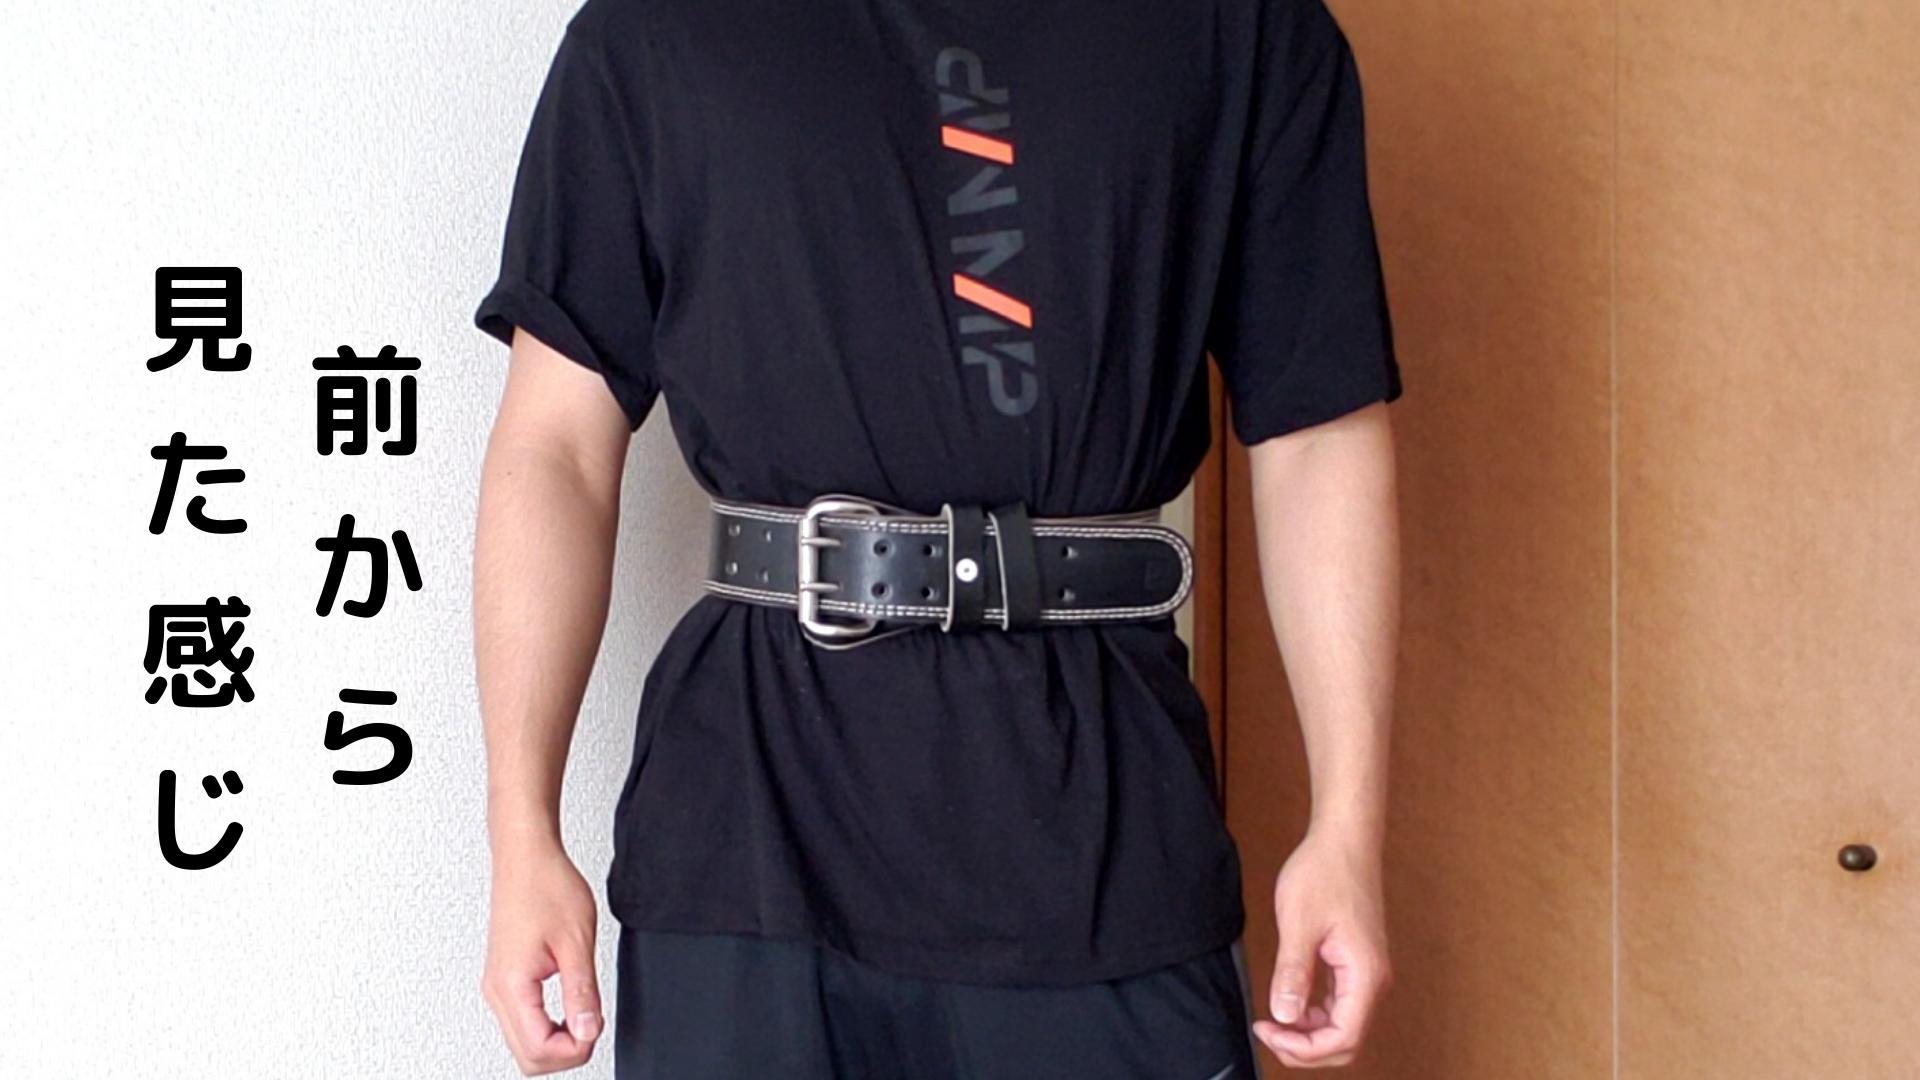 ゴールドジムのトレーニングベルトを着用した写真(前)